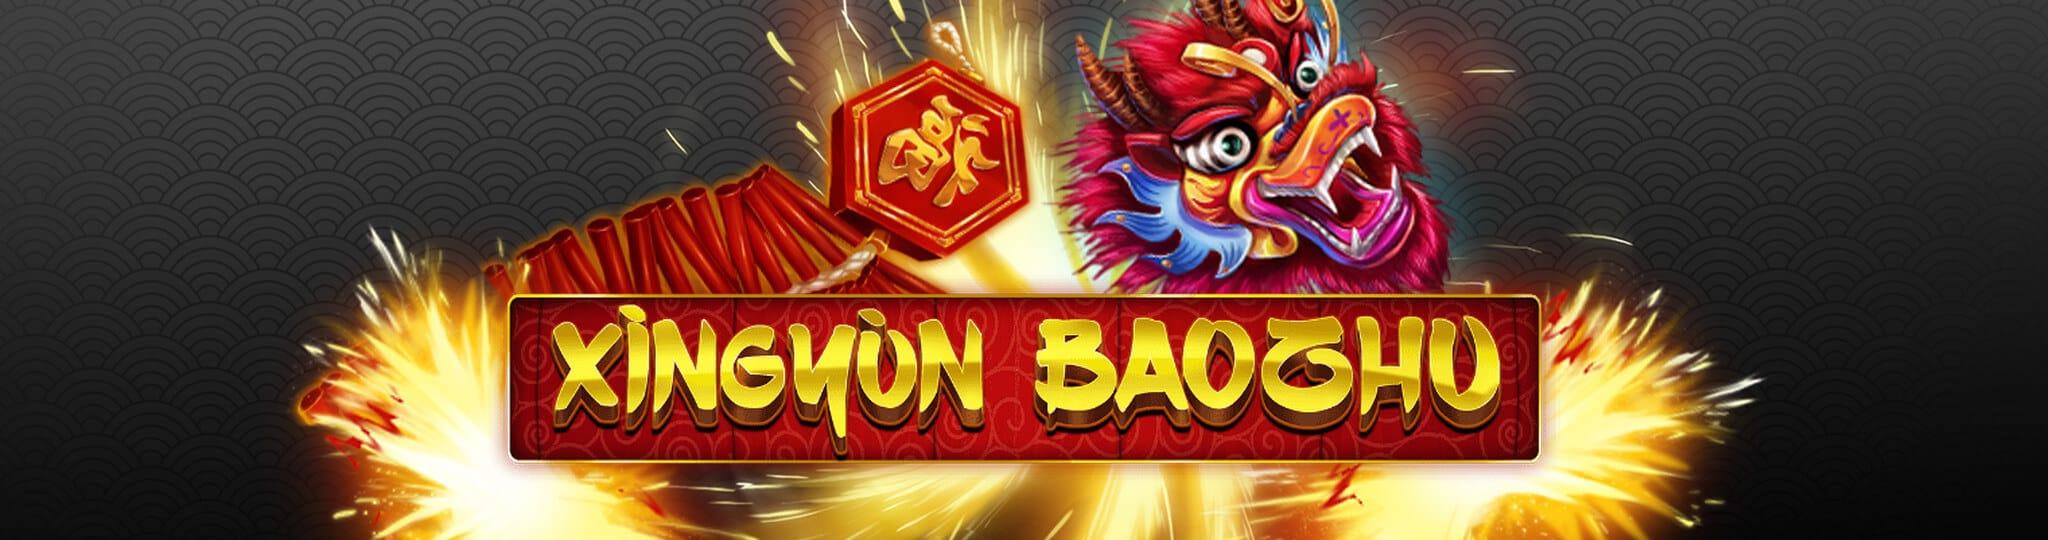 Xingyun BaoZhu Slot Game Logo